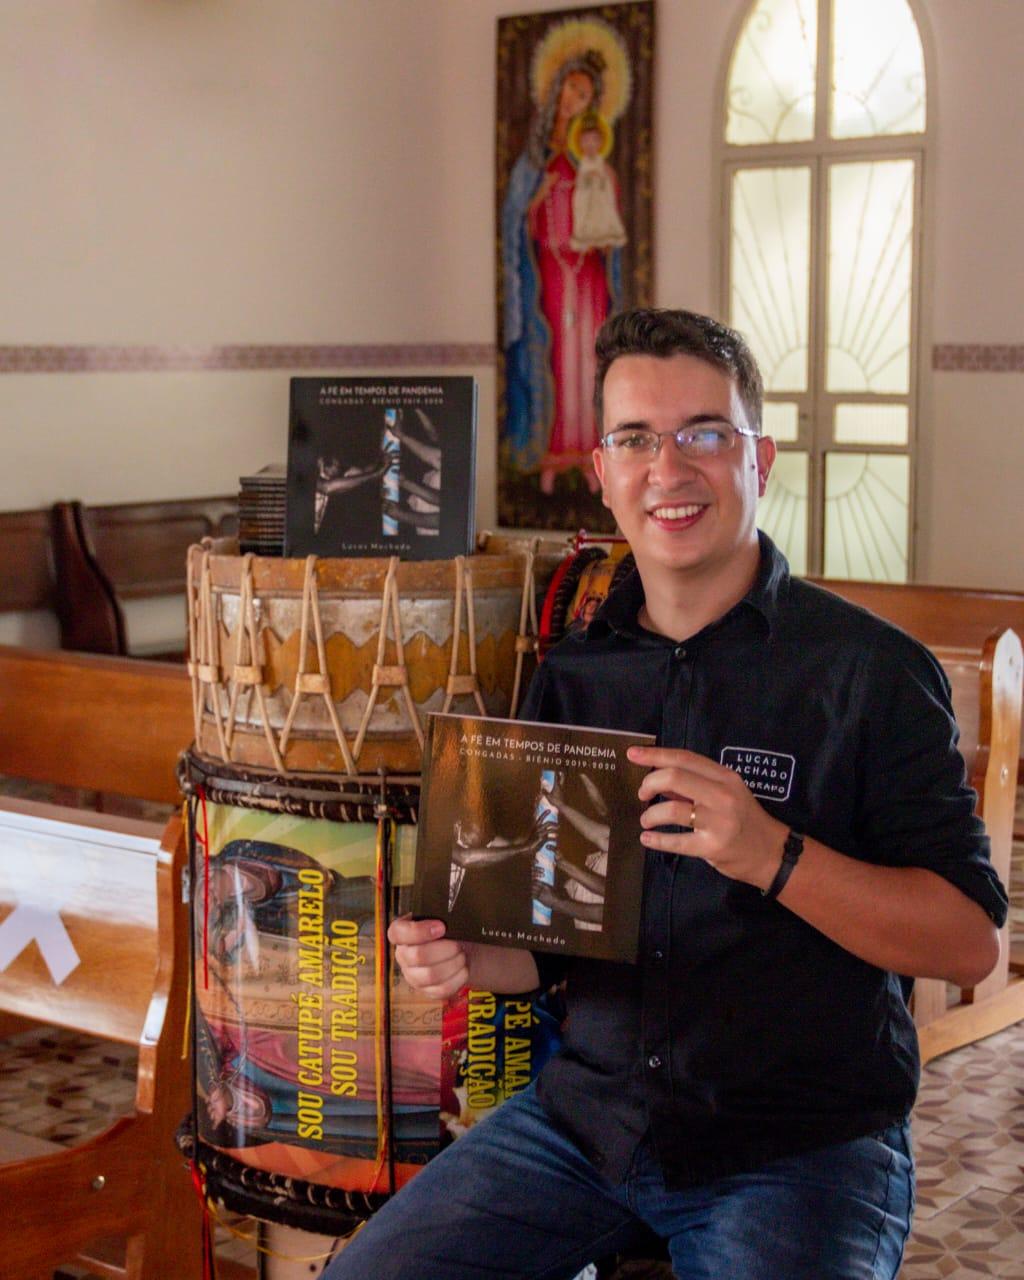 A obra literária A Fé em Tempos de Pandemia: Congadas Biênio 2019-2020 de Lucas Machado será lançada na noite do próximo dia 24/3 em live pelas redes sócias ás 20 hs